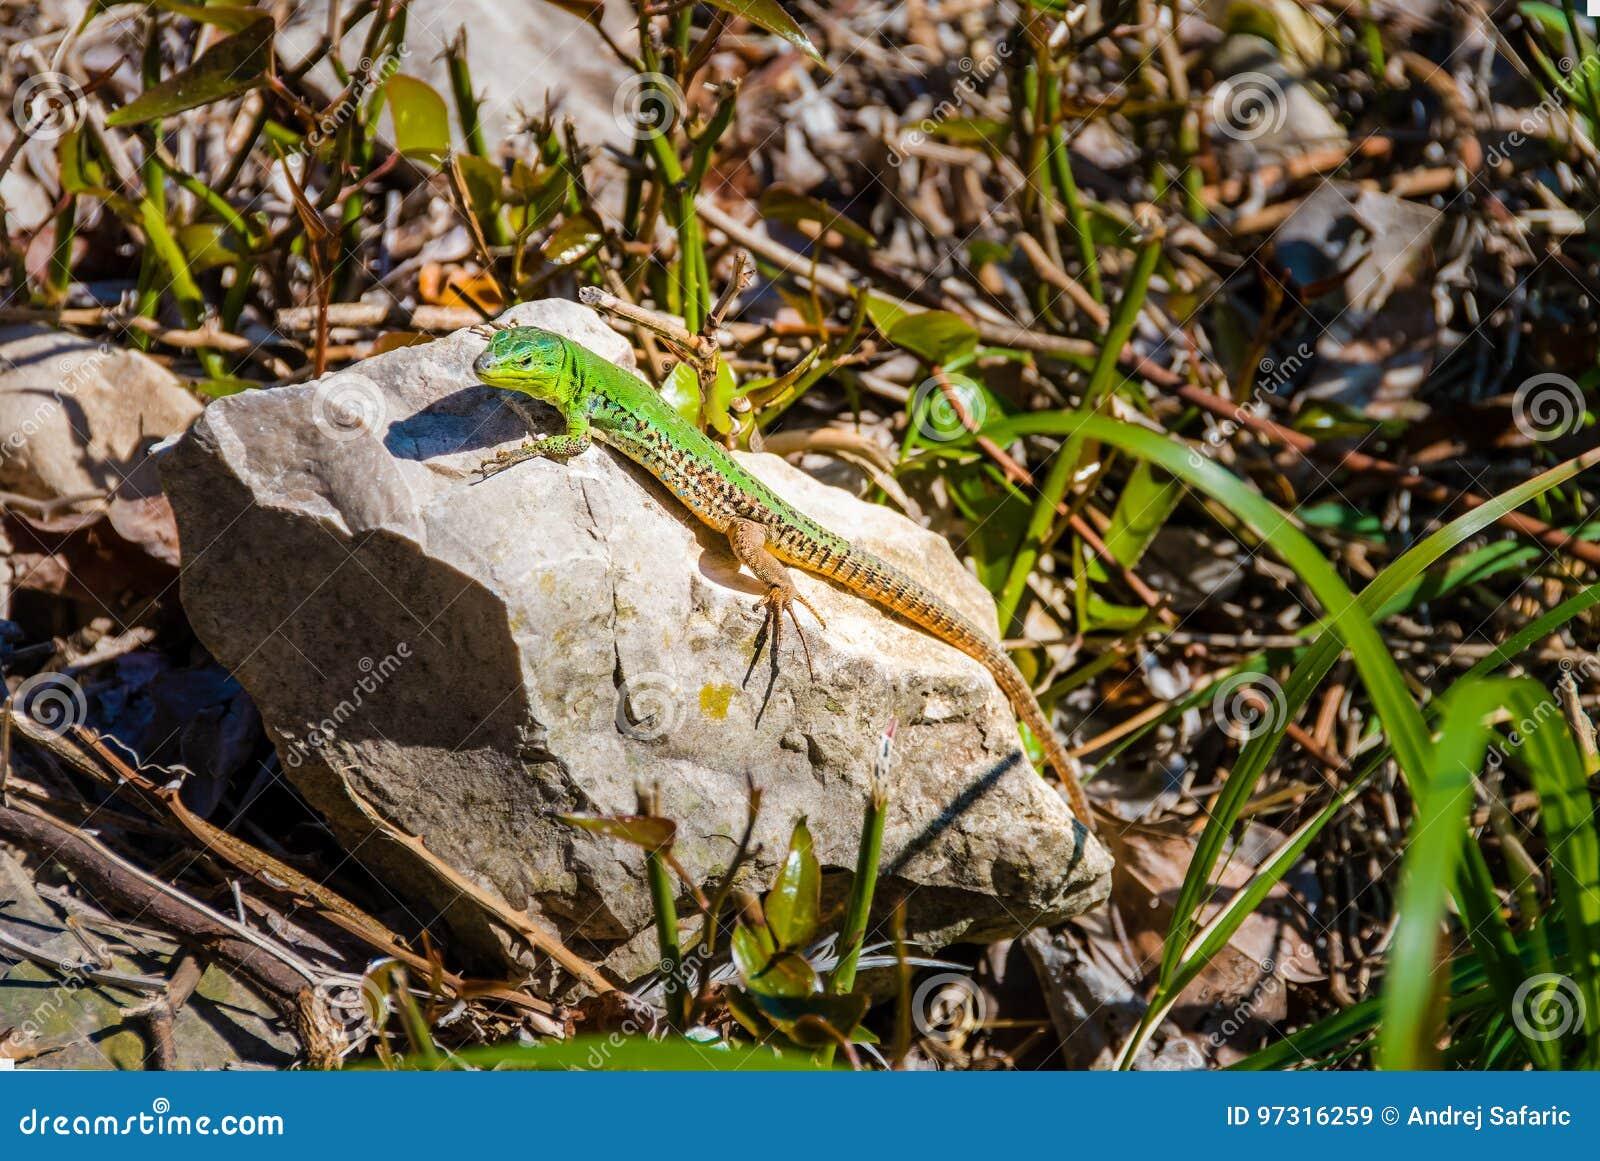 Мужские европейские viridis ящерицы зеленой ящерицы на утесе